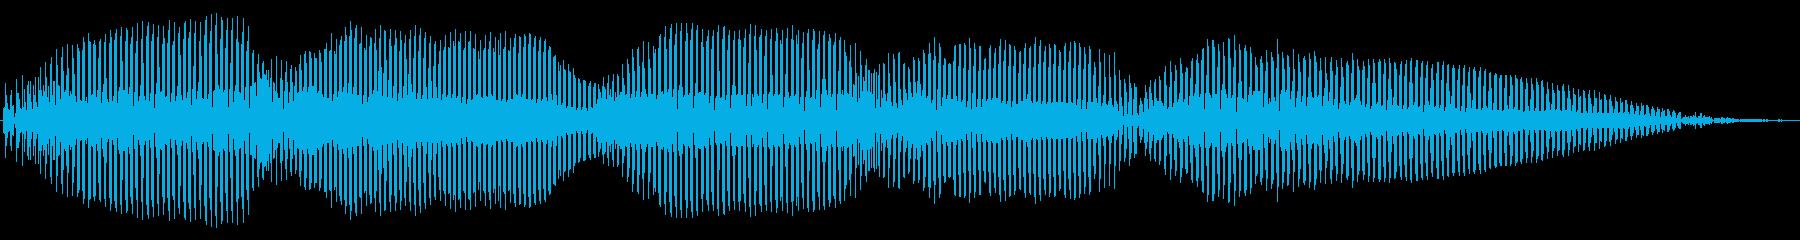 明るい トランペット トリルの再生済みの波形